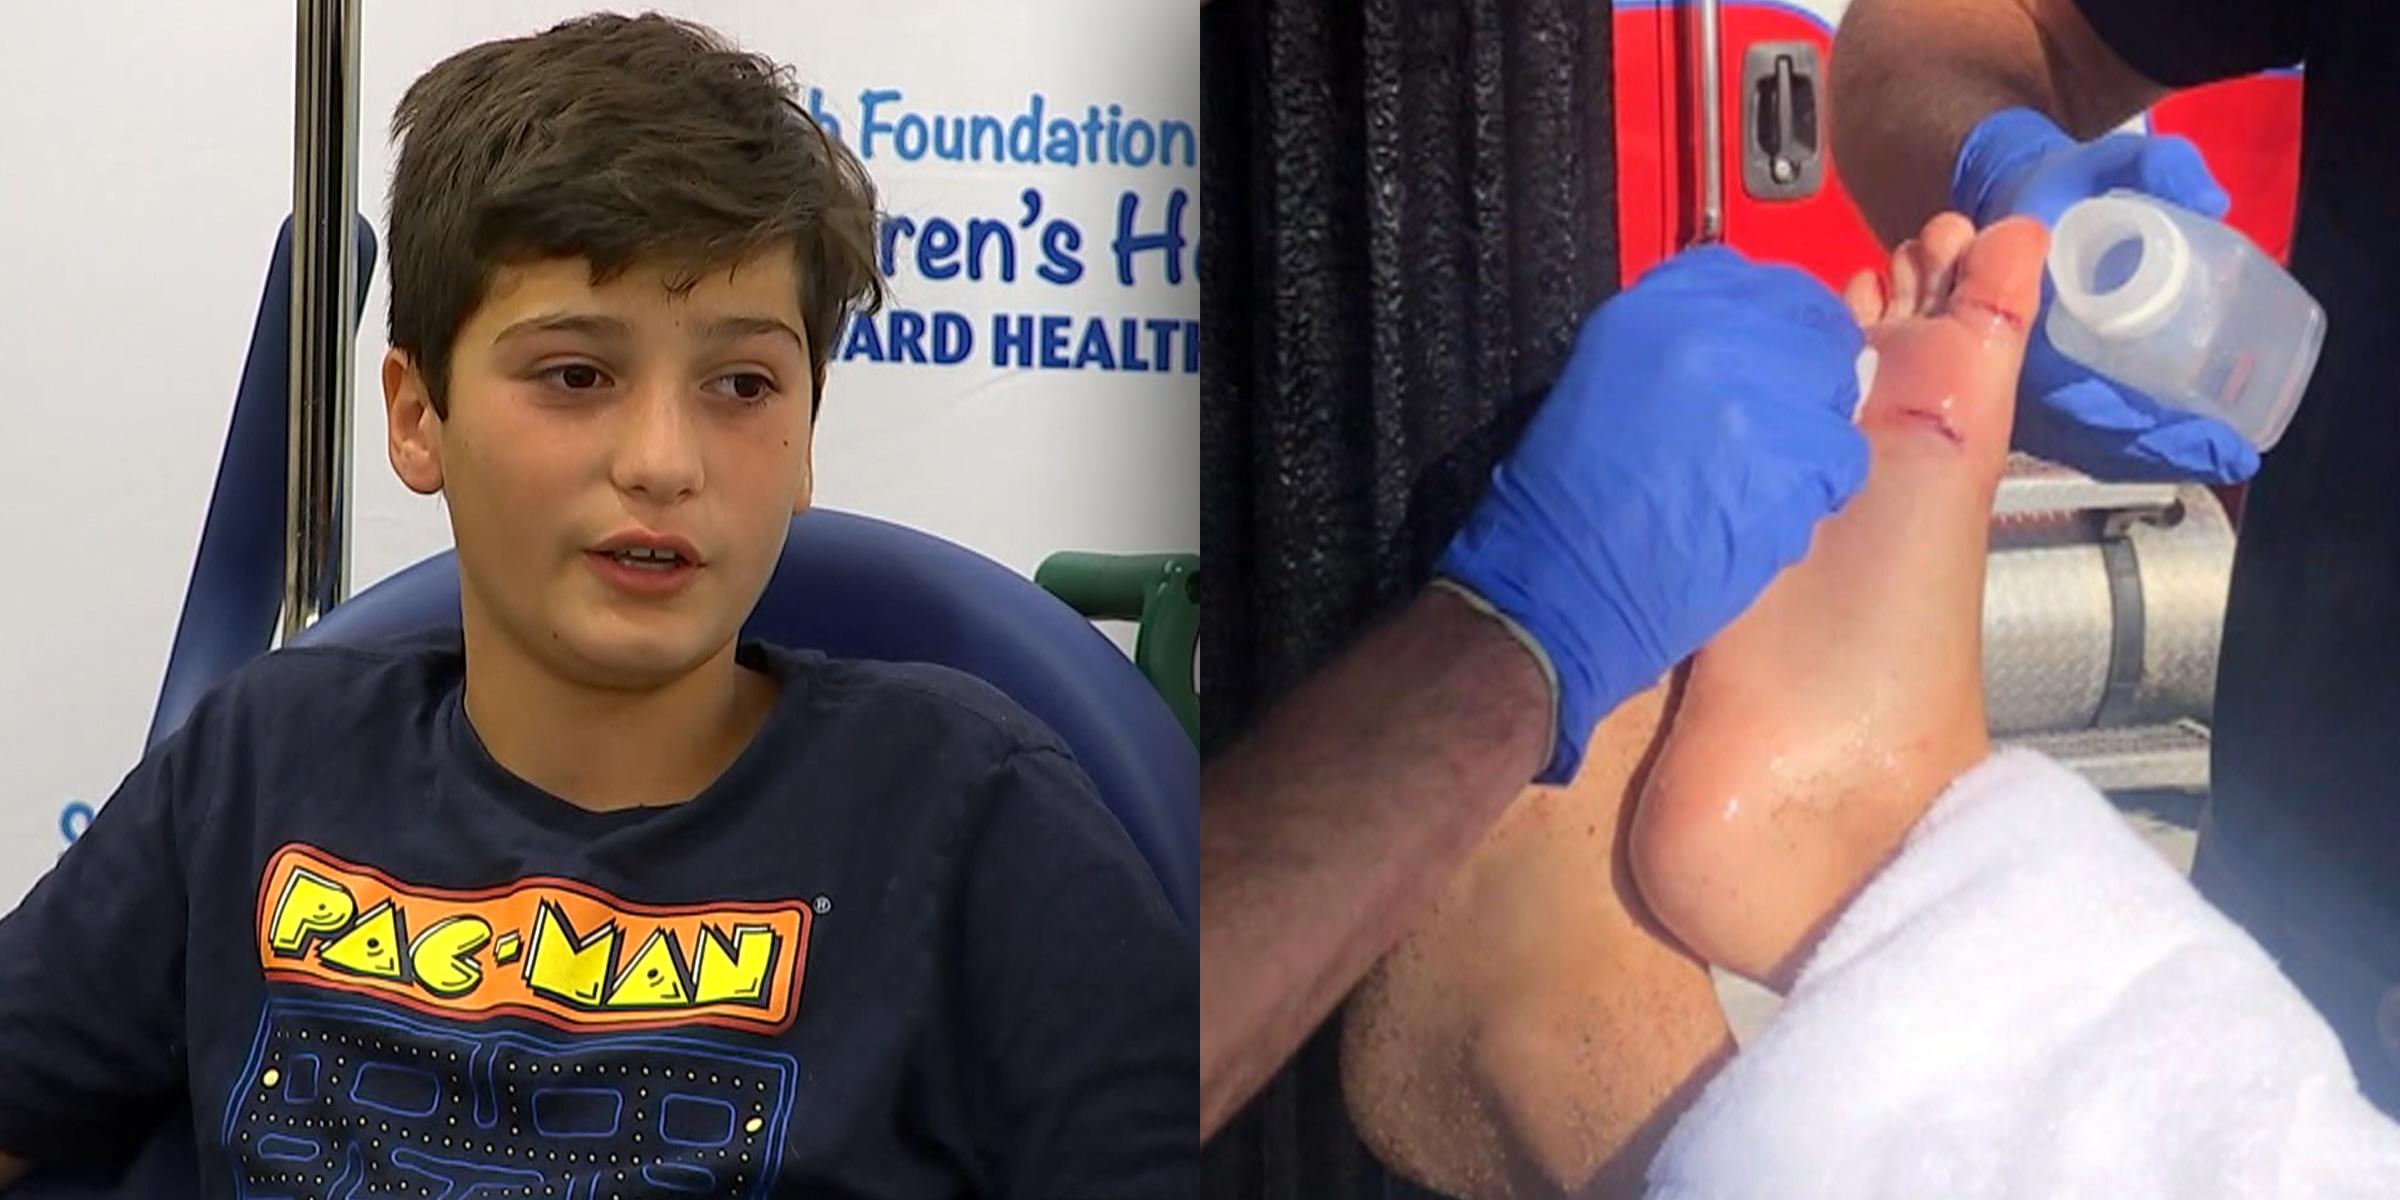 Canadian boy, 11, bitten by shark in Fort Lauderdale